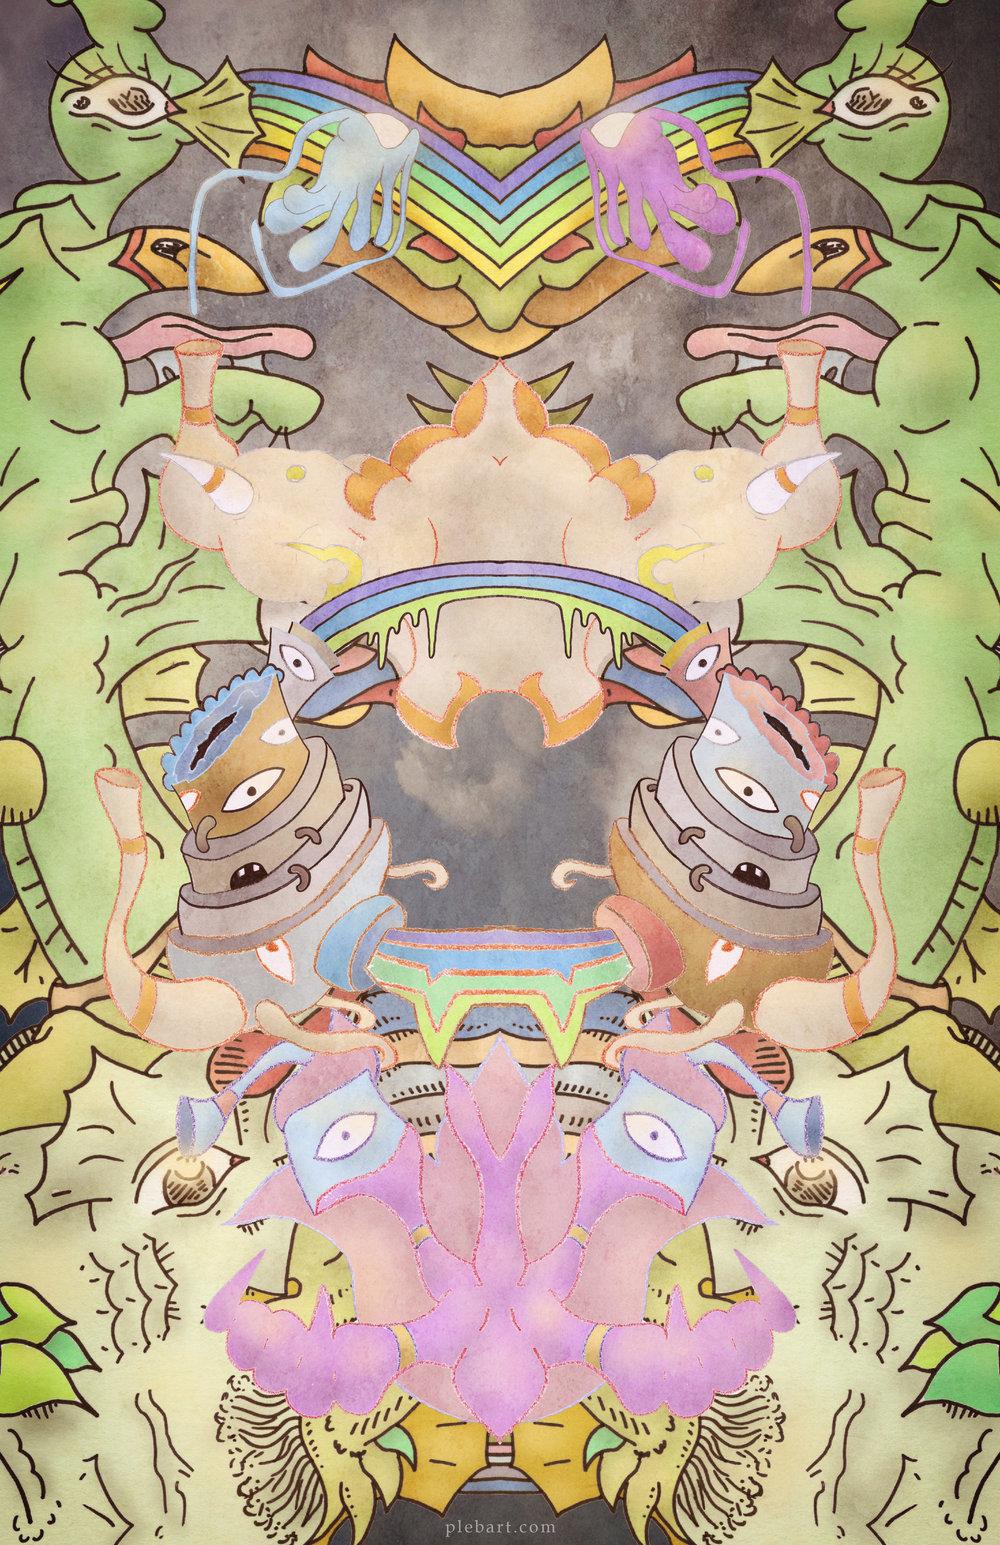 Rainbow-Zone 2016